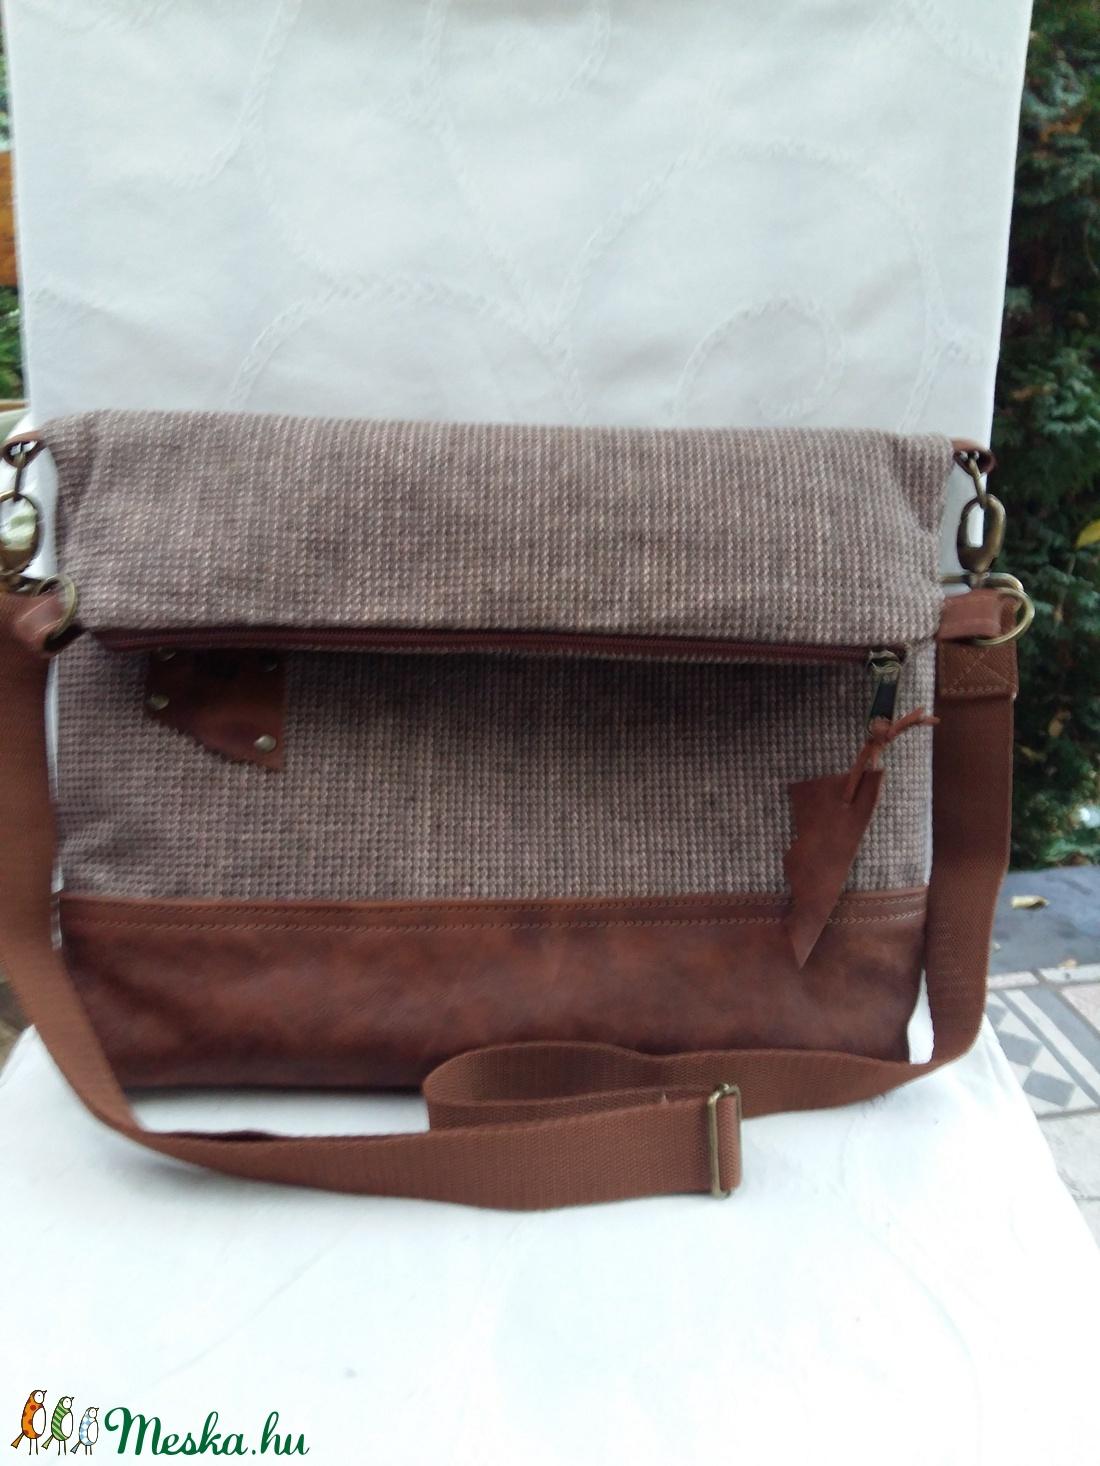 AKCIÓ 9500 fT Táska Válltáska ipad táska barna szövettáska valódi bőrrel  kombinálva Unisex táska (BYildi) - Meska.hu b6882cab56